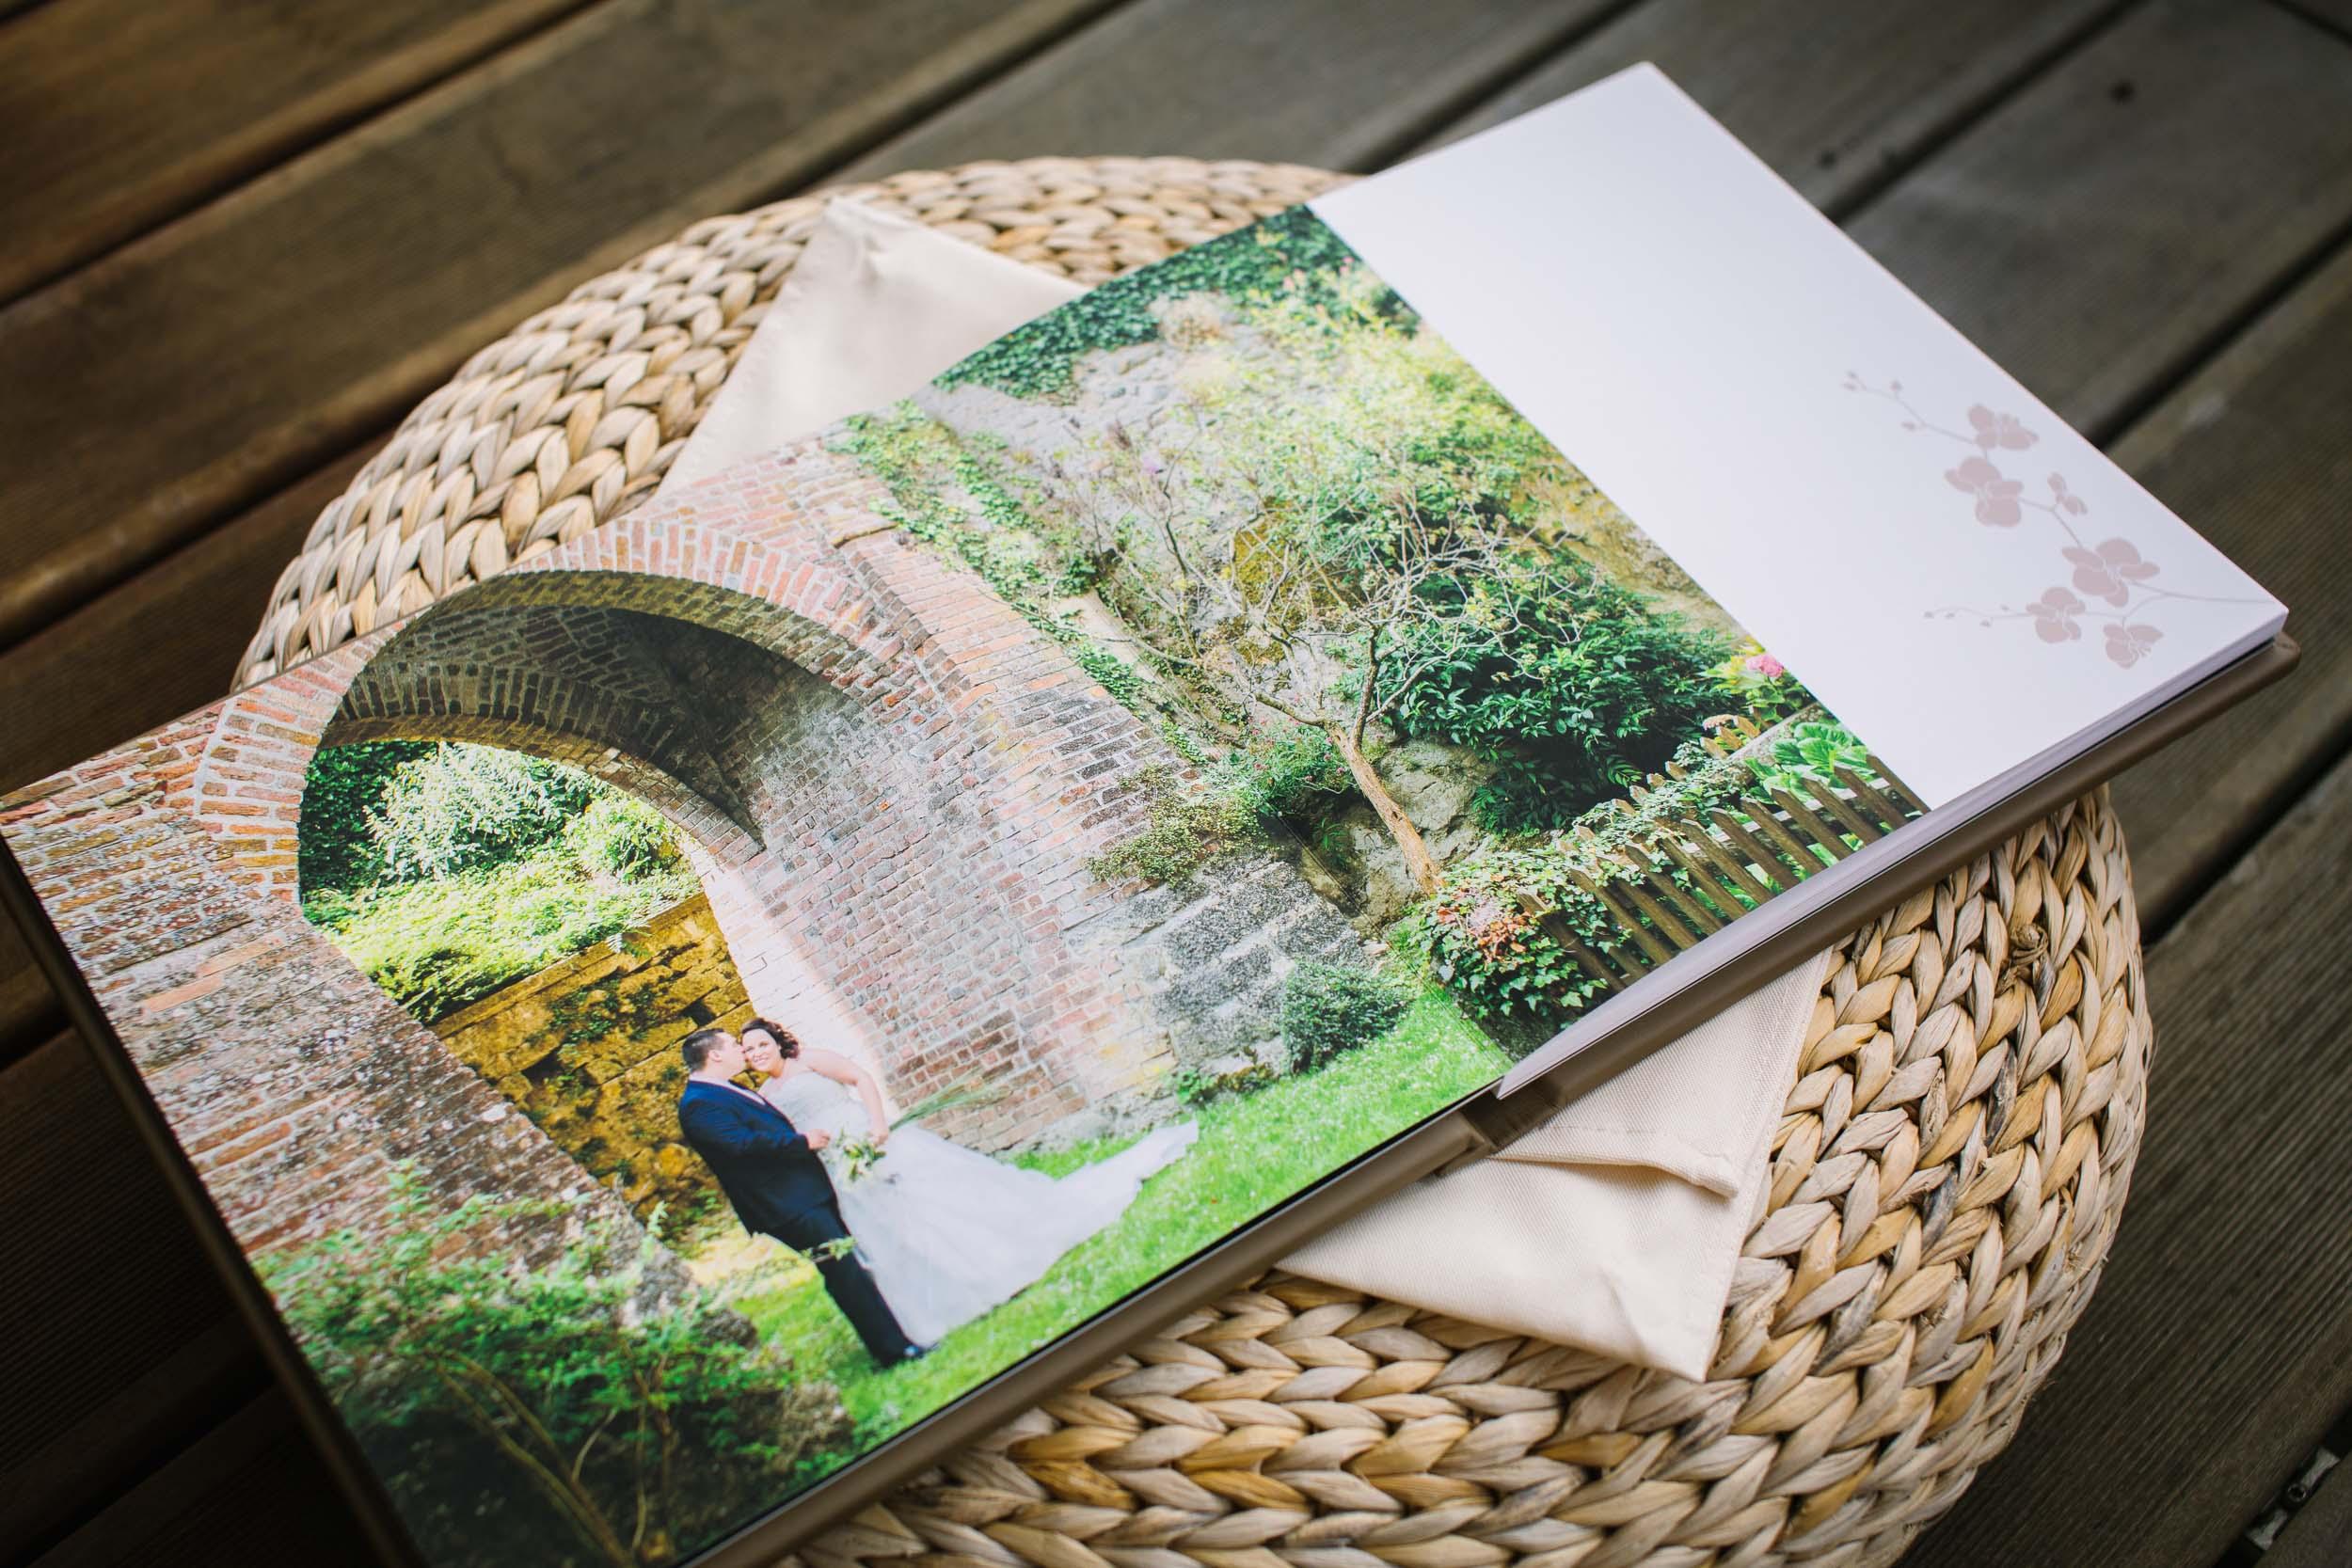 Julianne-Cyrill-Storybook-Album-Clay-2747.jpg